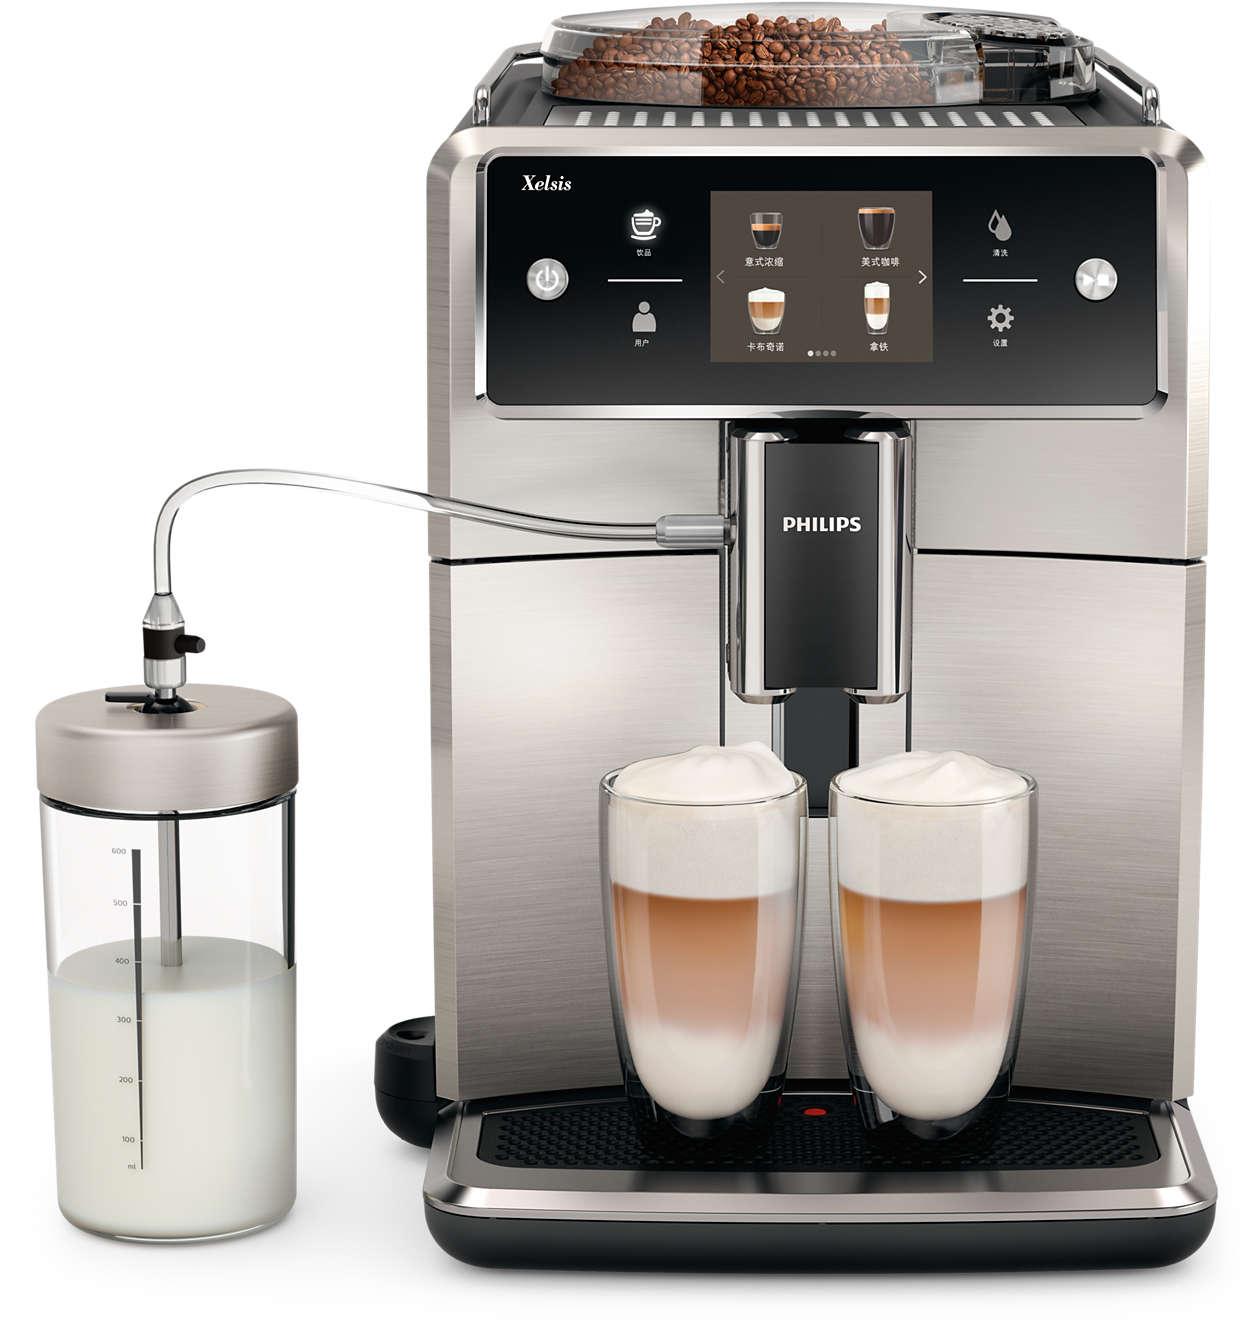 飞利浦迄今为止较先进的 Saeco 浓缩咖啡机